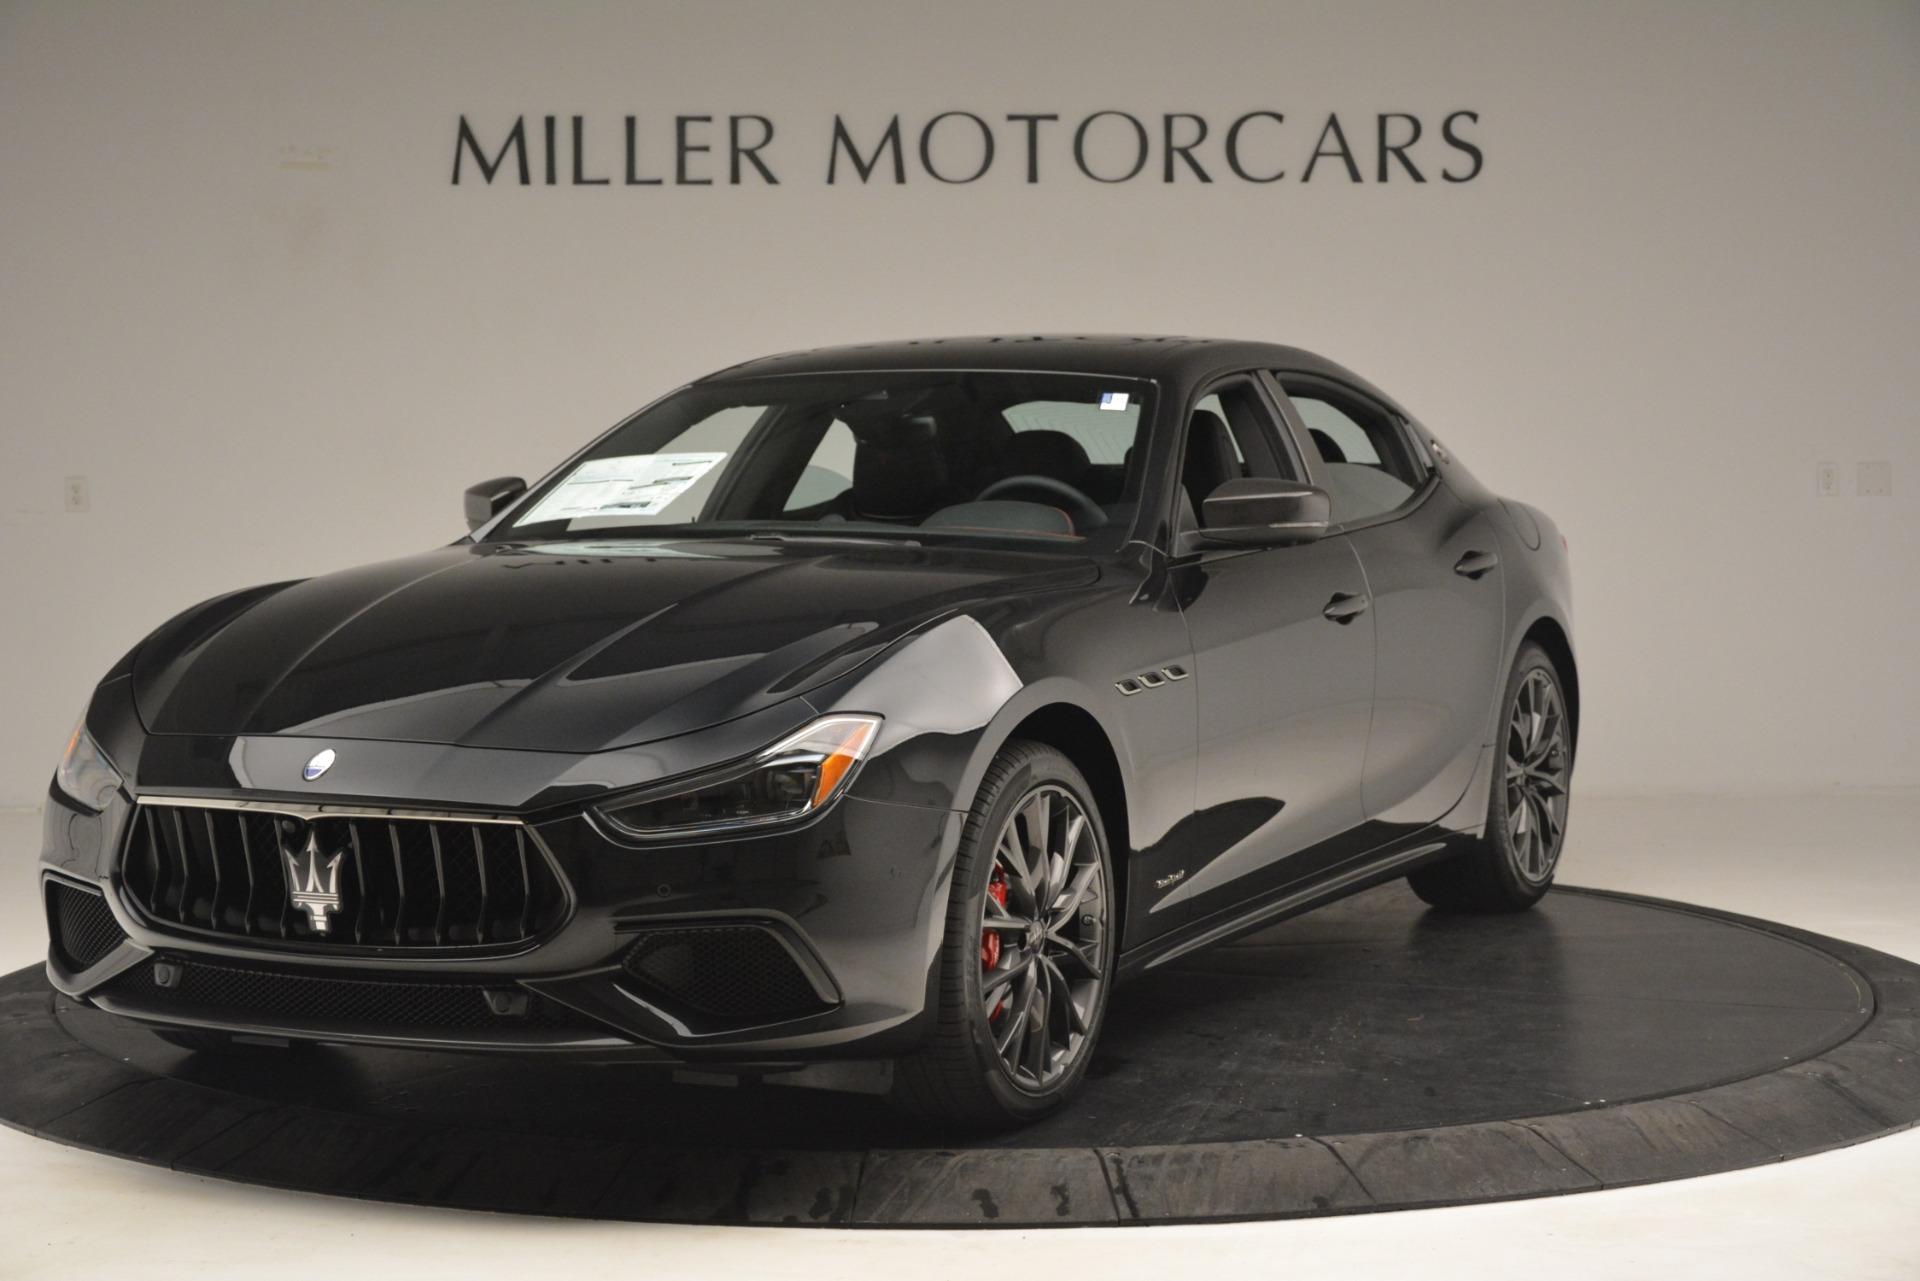 New 2019 Maserati Ghibli S Q4 GranSport For Sale In Westport, CT 2926_main